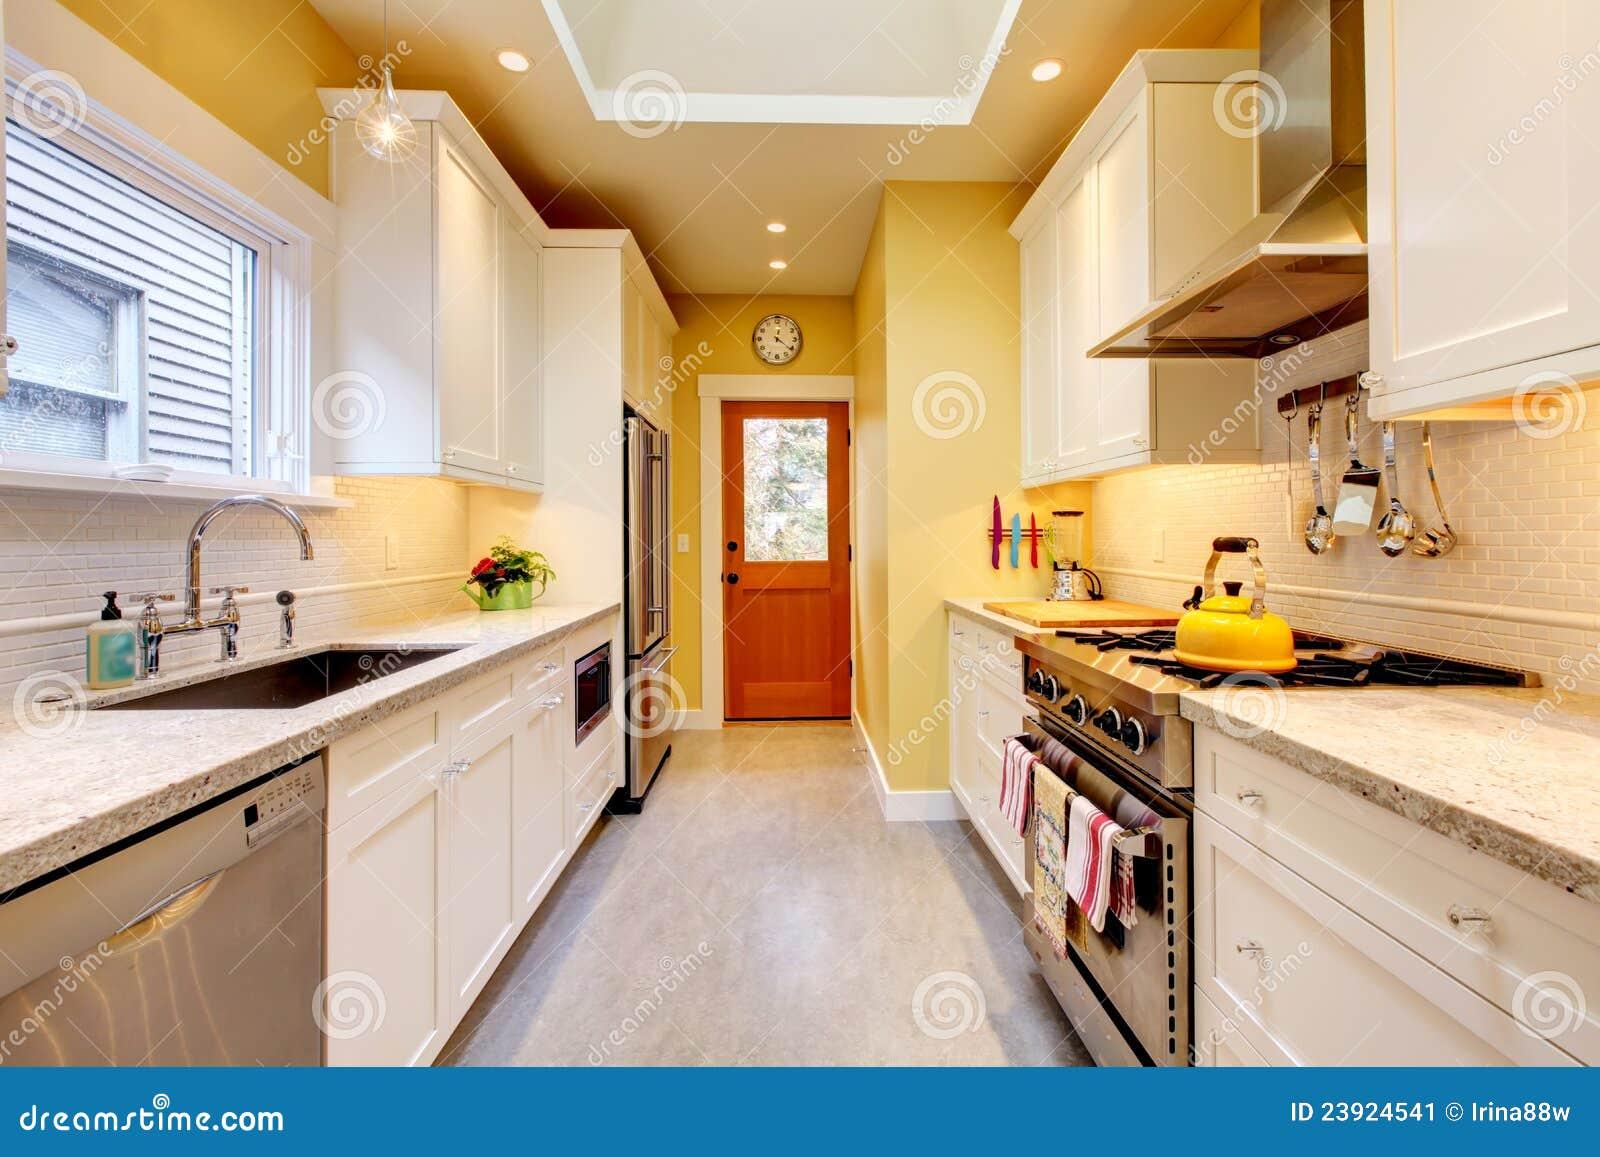 Cuisine Moderne étroite Jaune Et Blanche. Image stock - Image du ...